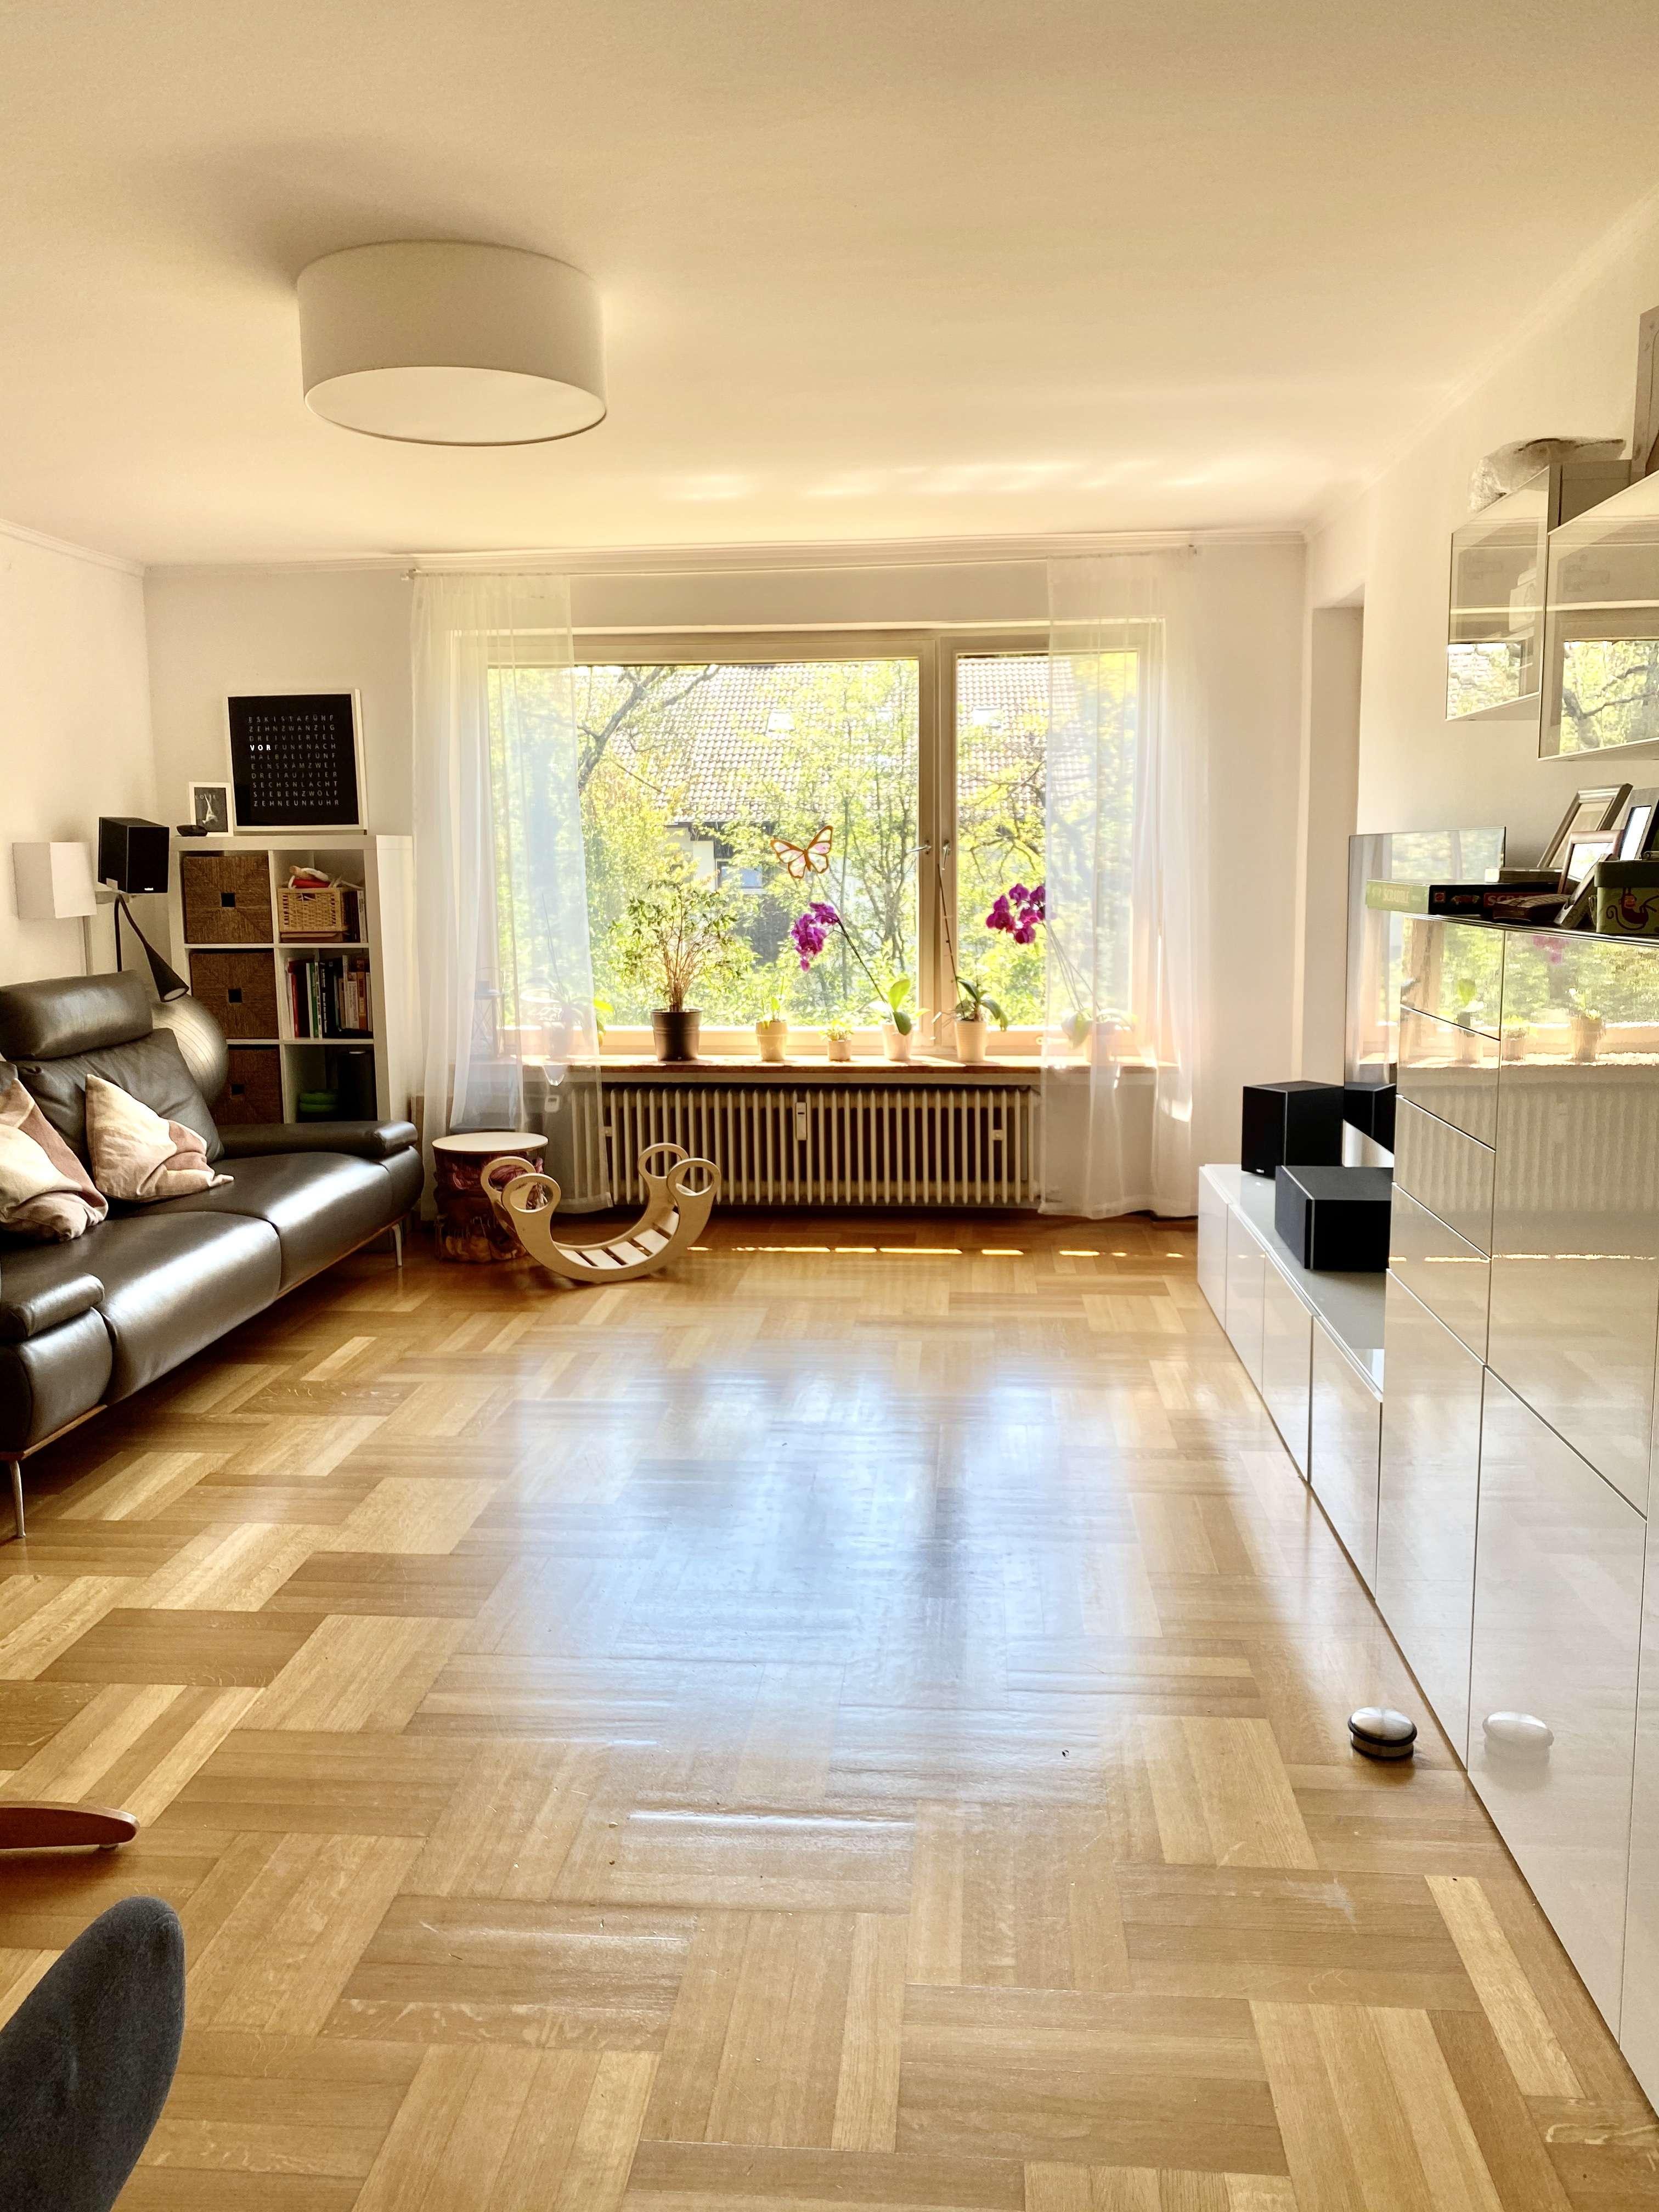 Familienfreundliche 4-Zimmer-Wohnung mit Balkon und Einbauküche in Baldham (Ost) in